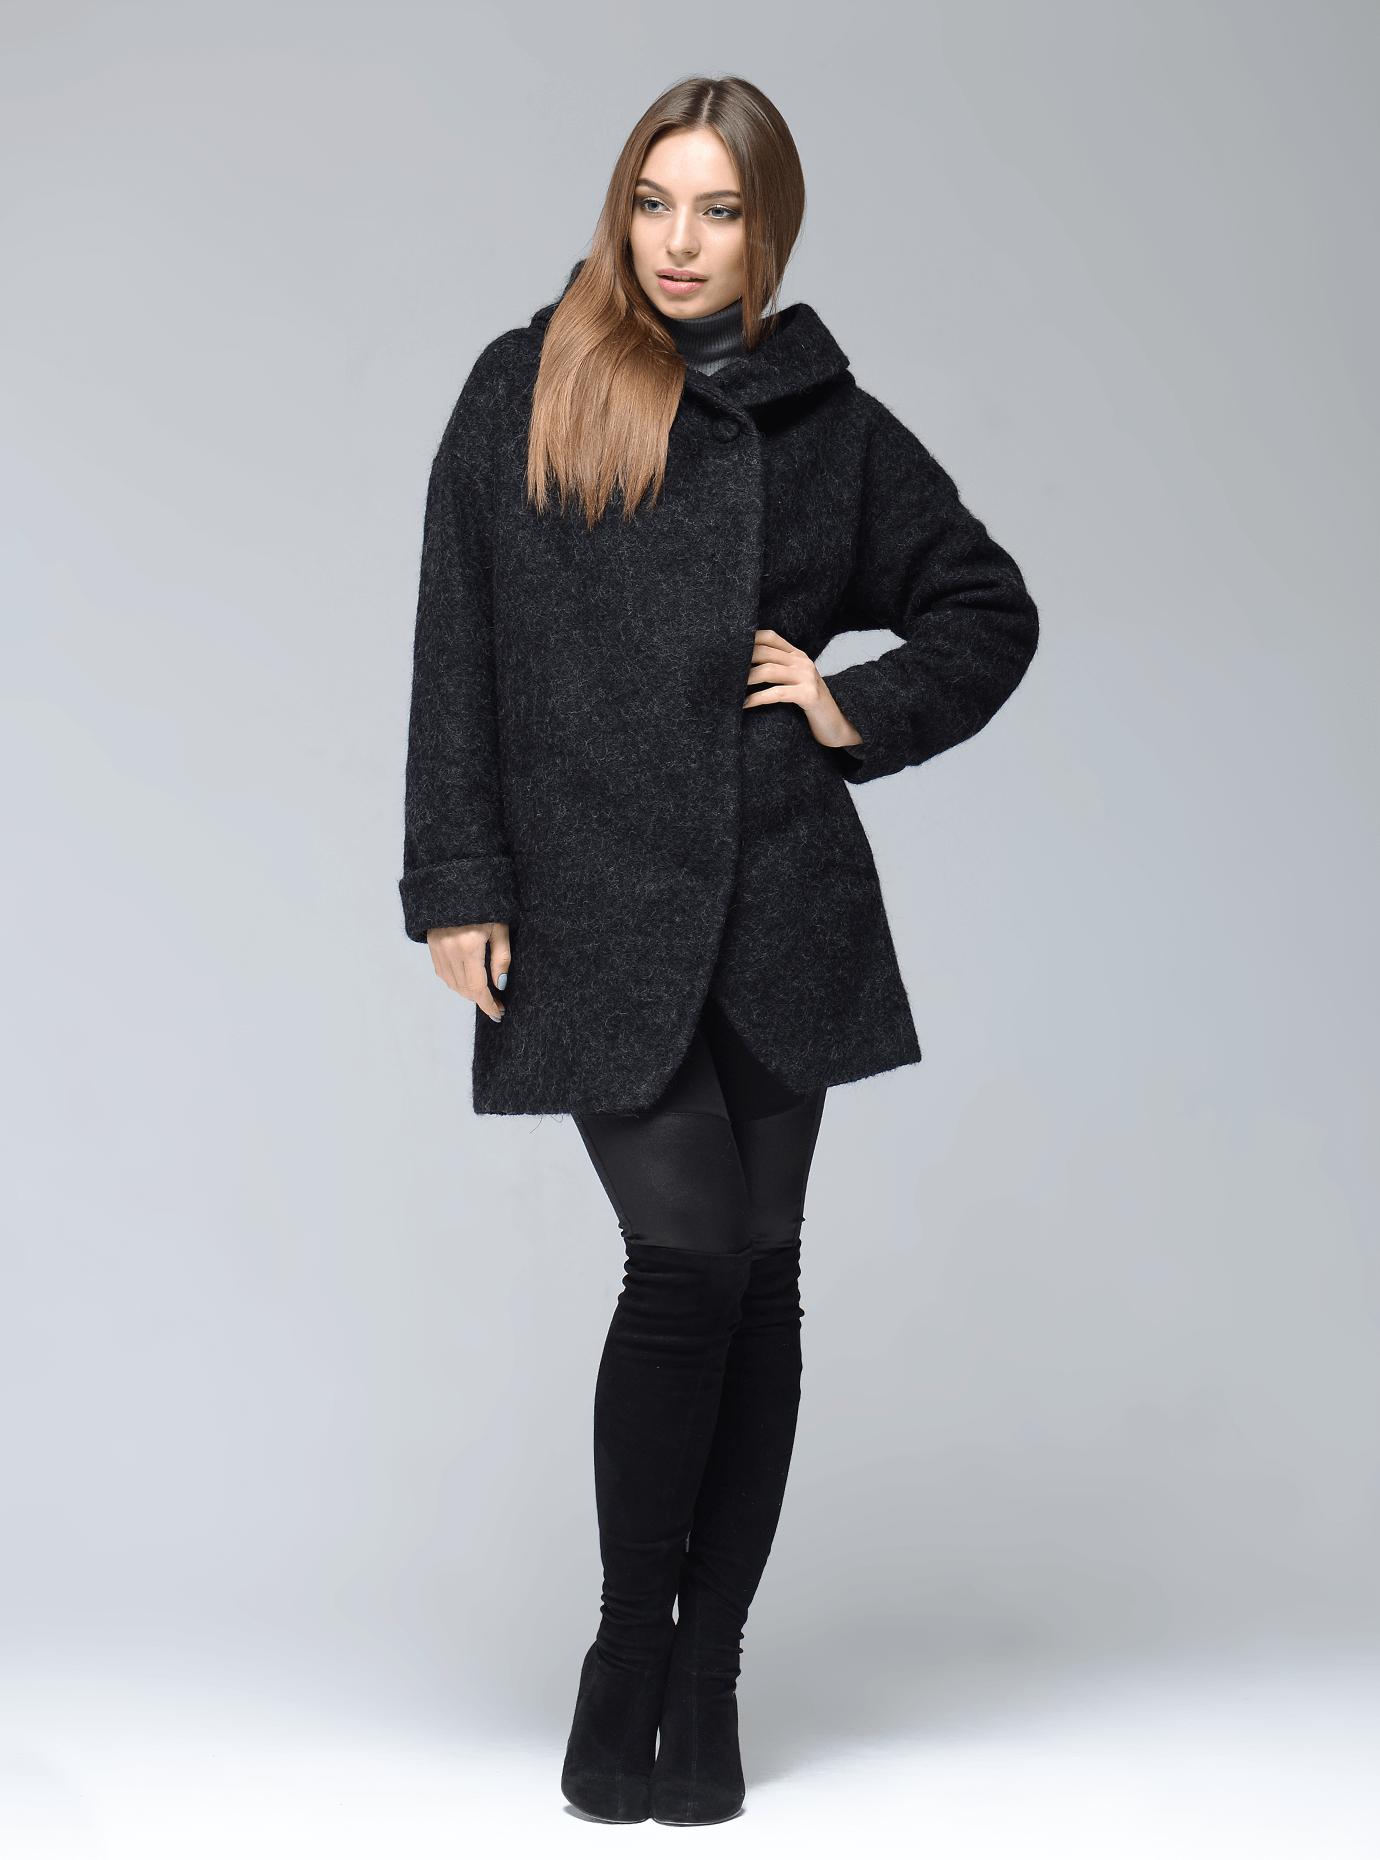 Пальто демисезонное средней длины с капюшоном Чёрный 46 (07-P17022): фото - Alster.ua